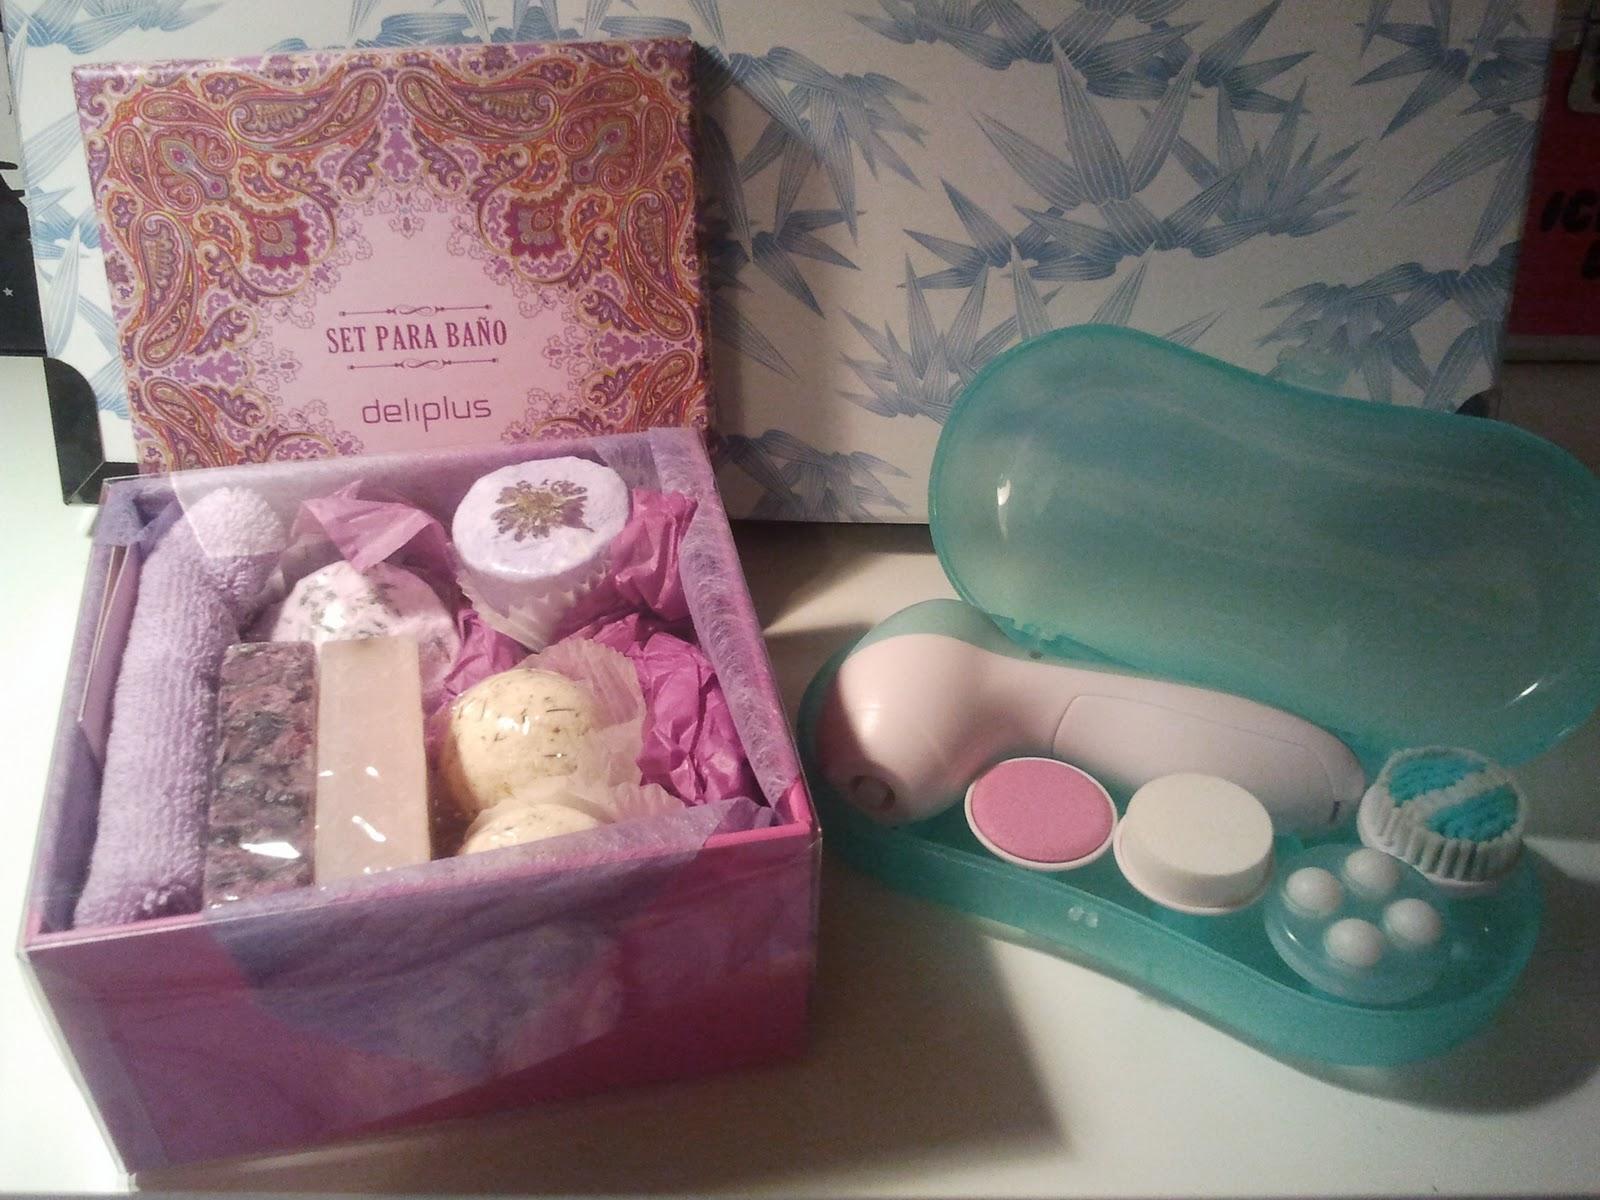 Set De Baño Mercadona:set para el baño de deliplus que viene en esta bonita caja y trae